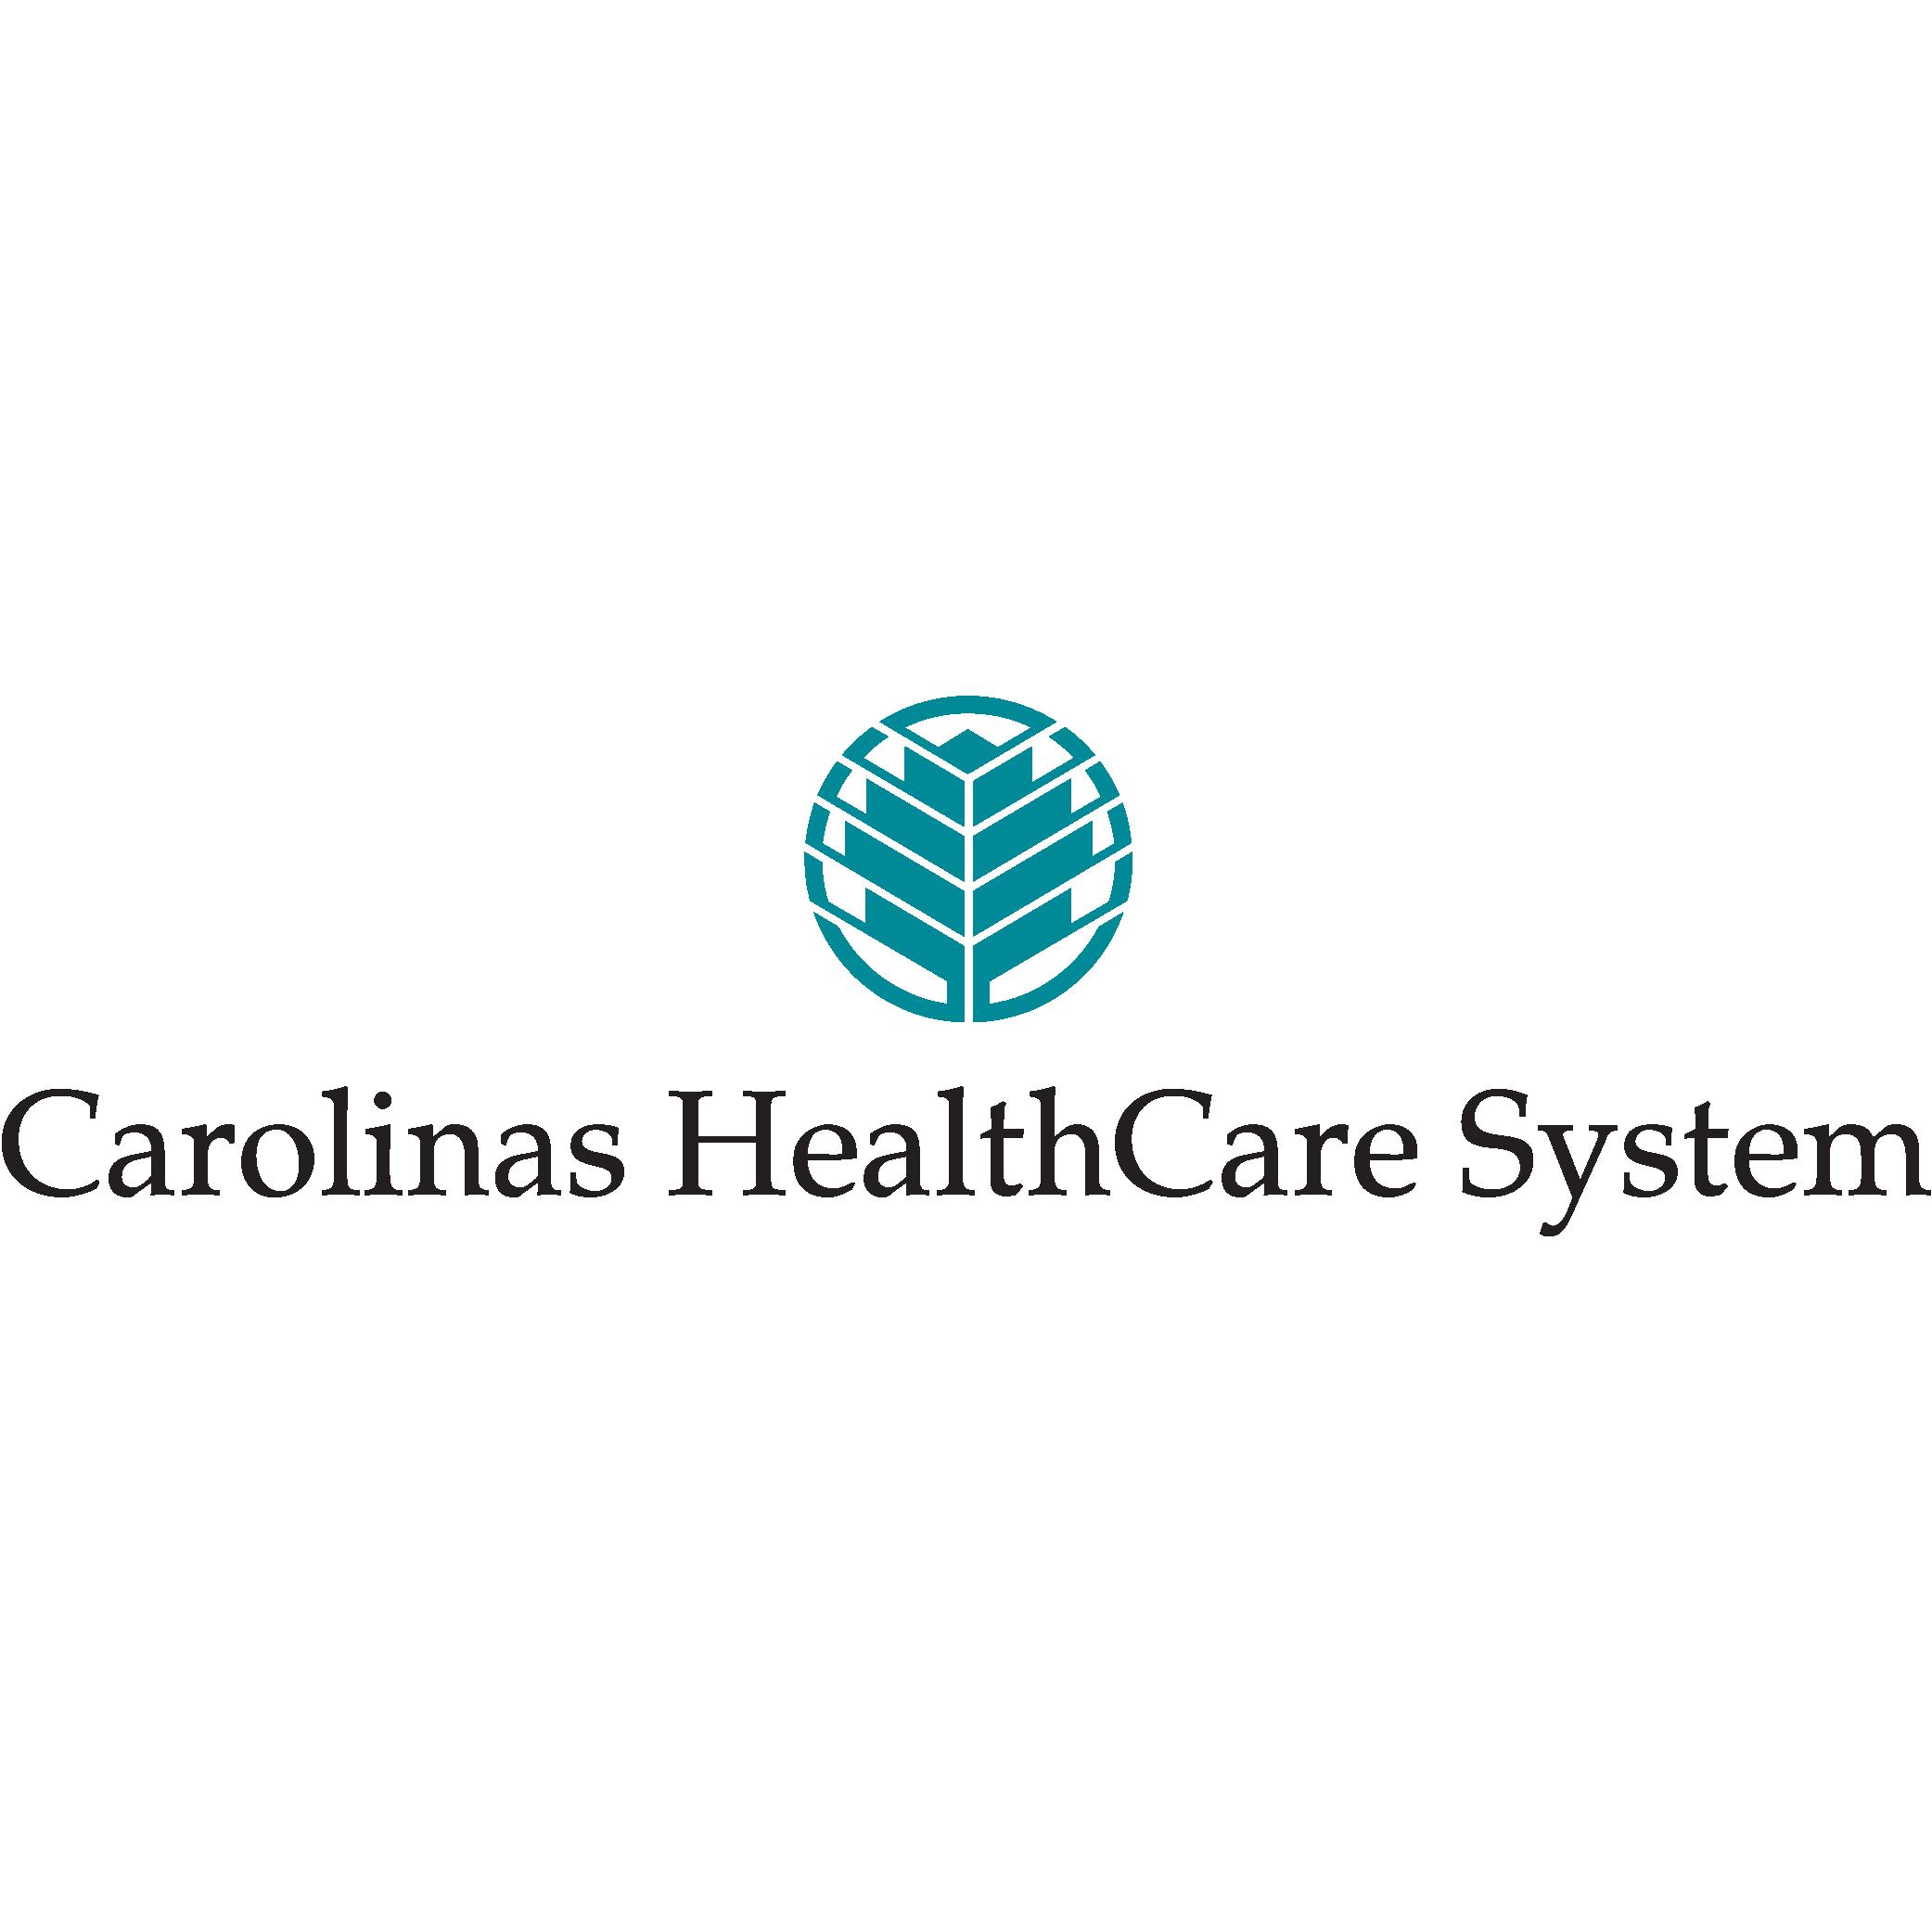 Carolinas Healthcare Systems logo